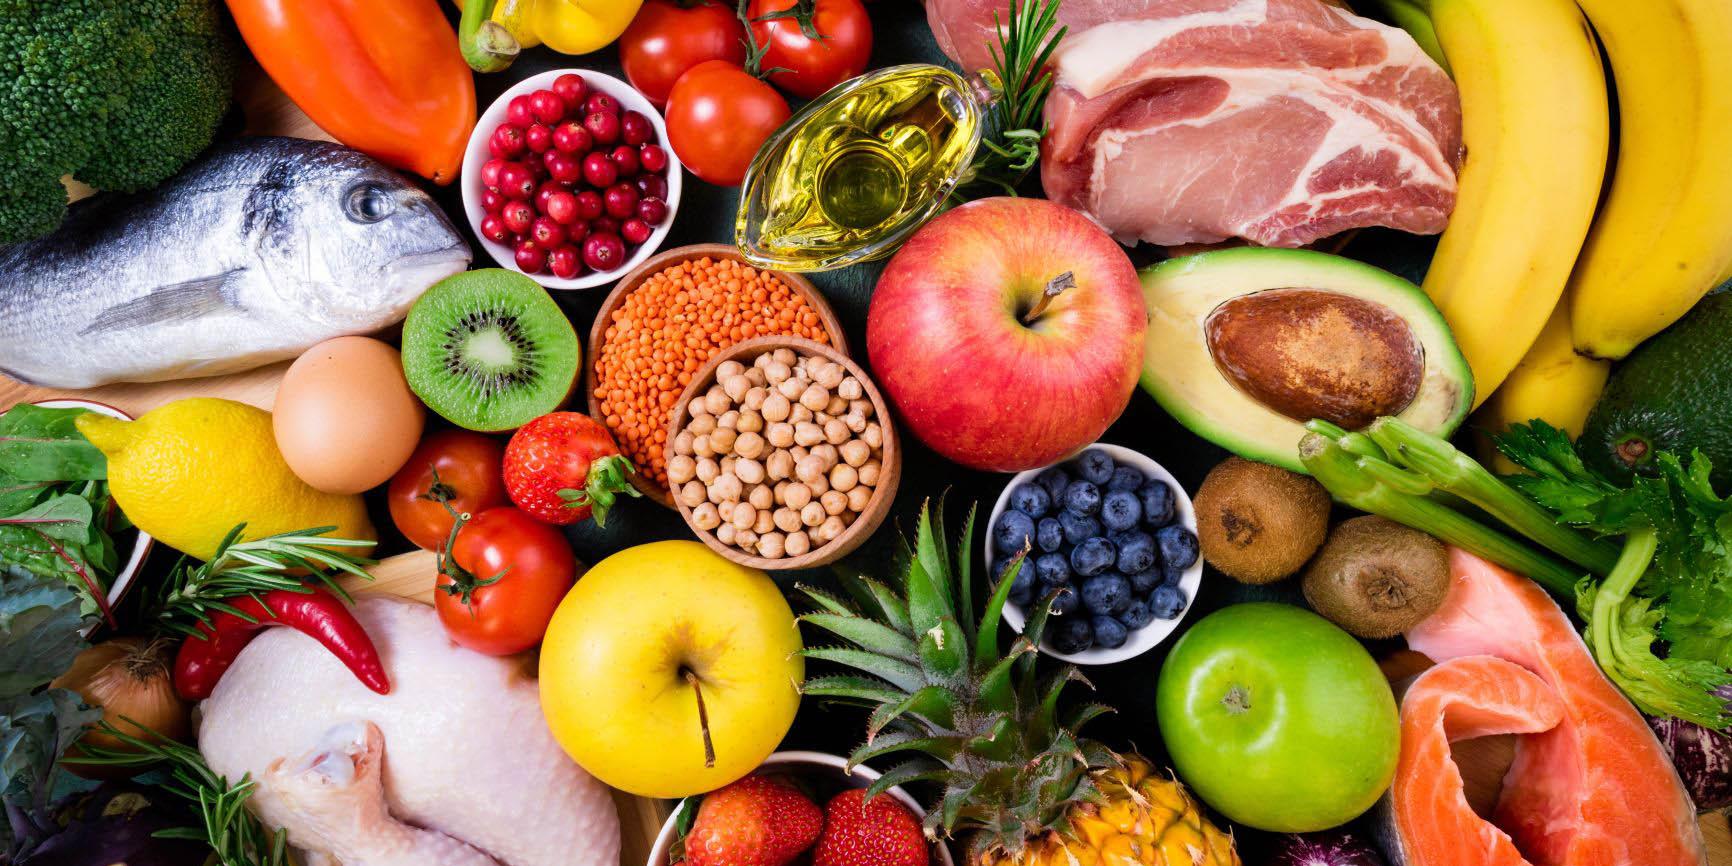 Estos alimentos te ayudarán a fortalecer tu sistema inmunológico | El Imparcial de Oaxaca